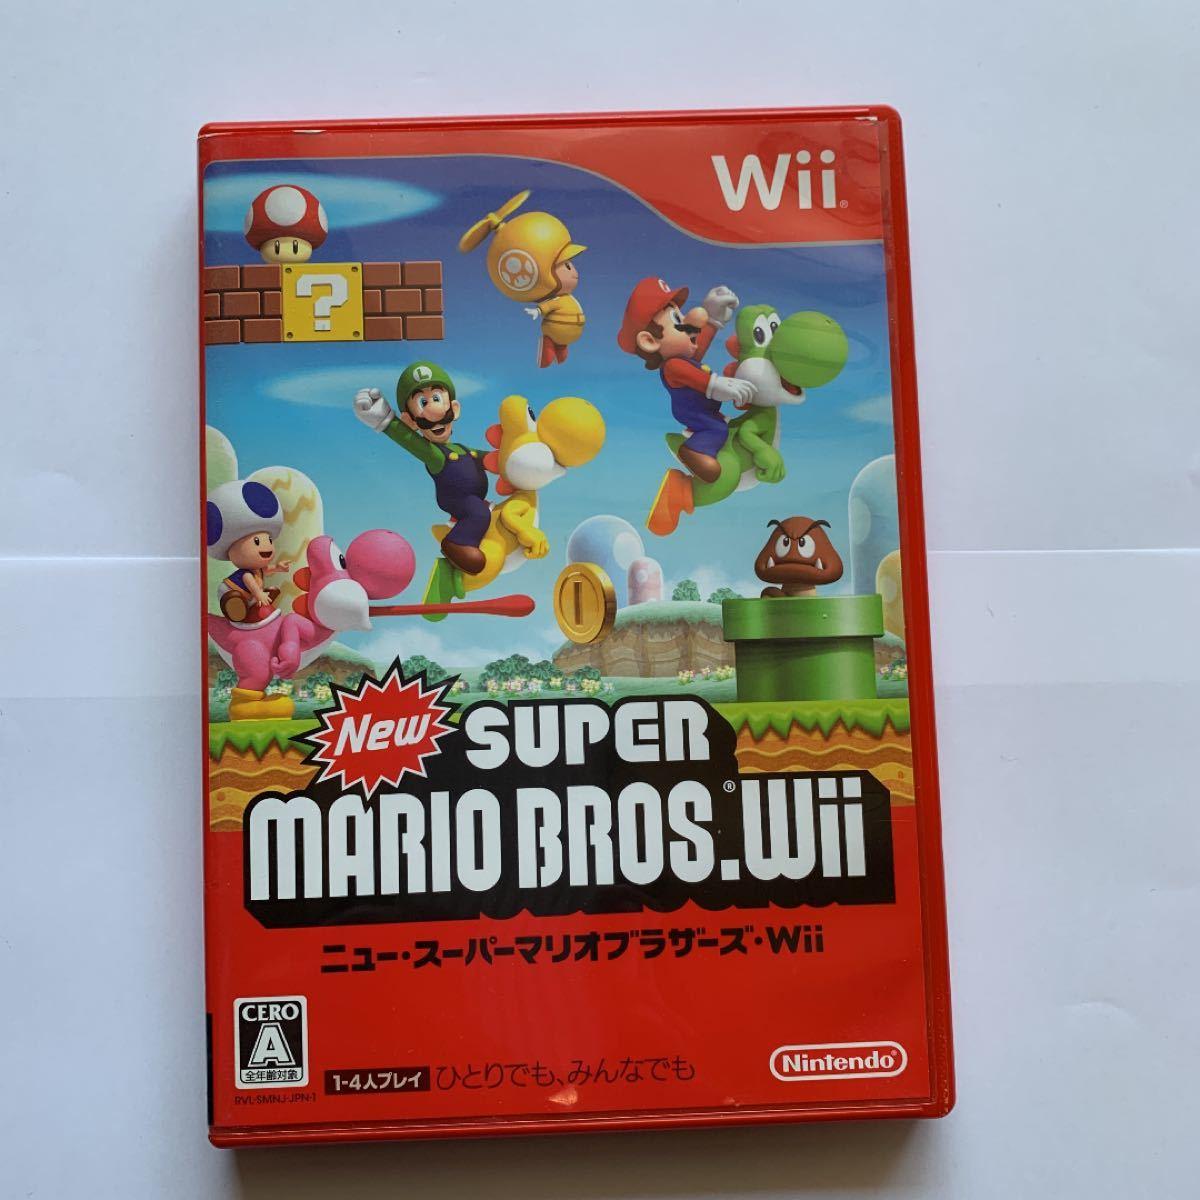 New スーパーマリオブラザーズ Wii Wiiソフト